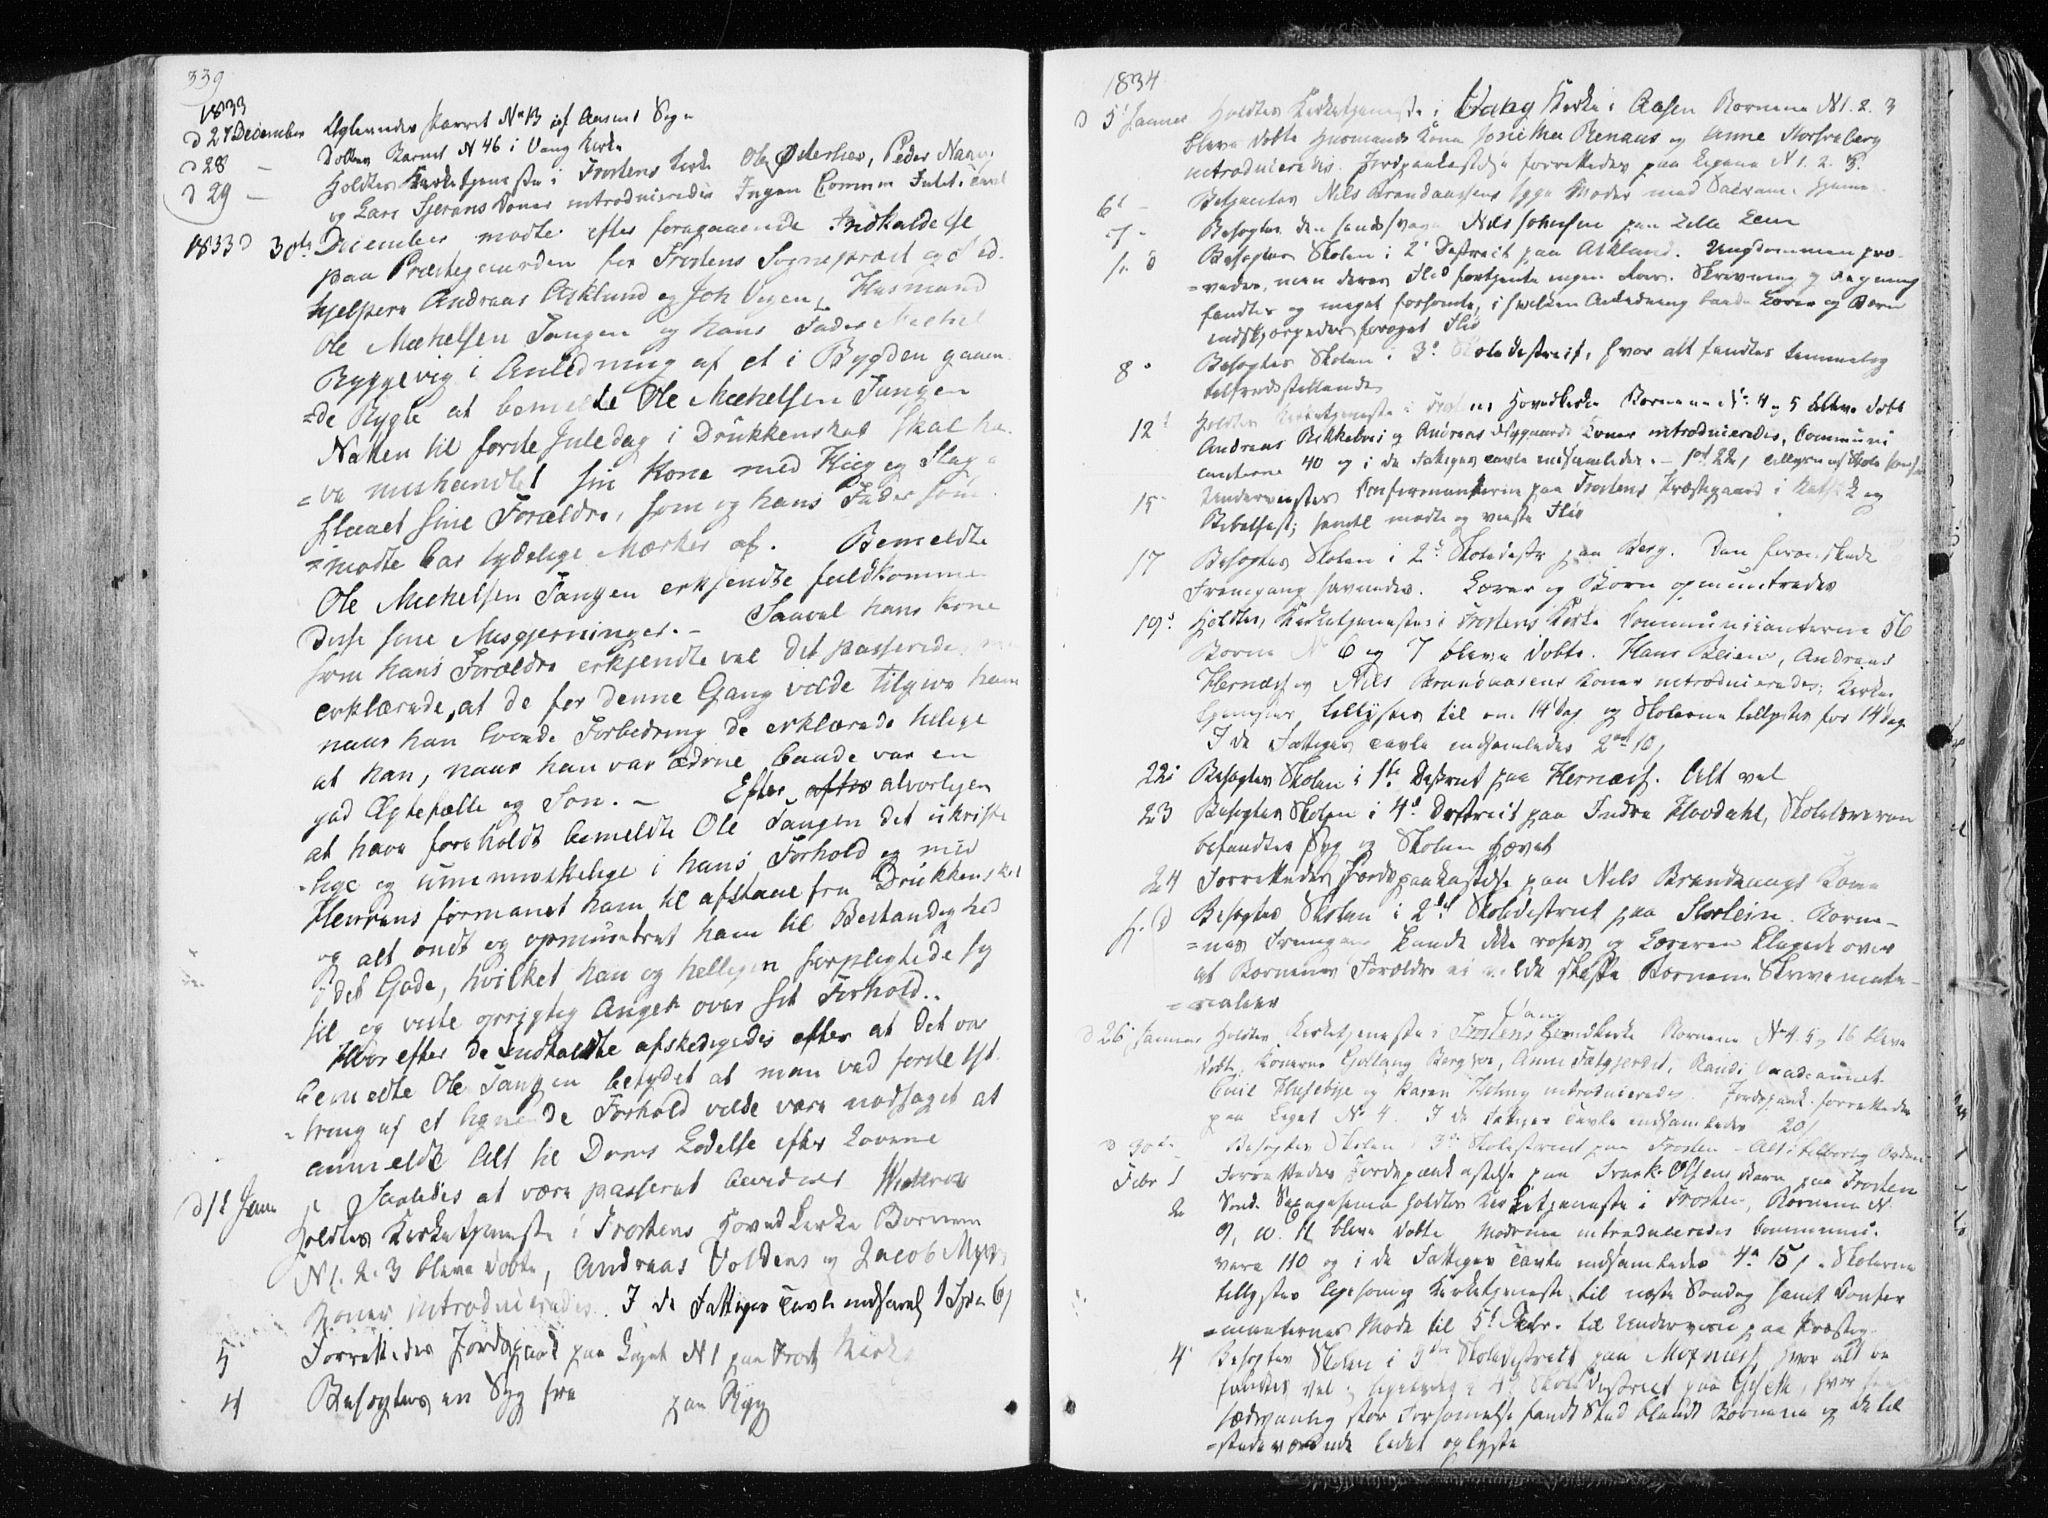 SAT, Ministerialprotokoller, klokkerbøker og fødselsregistre - Nord-Trøndelag, 713/L0114: Ministerialbok nr. 713A05, 1827-1839, s. 339